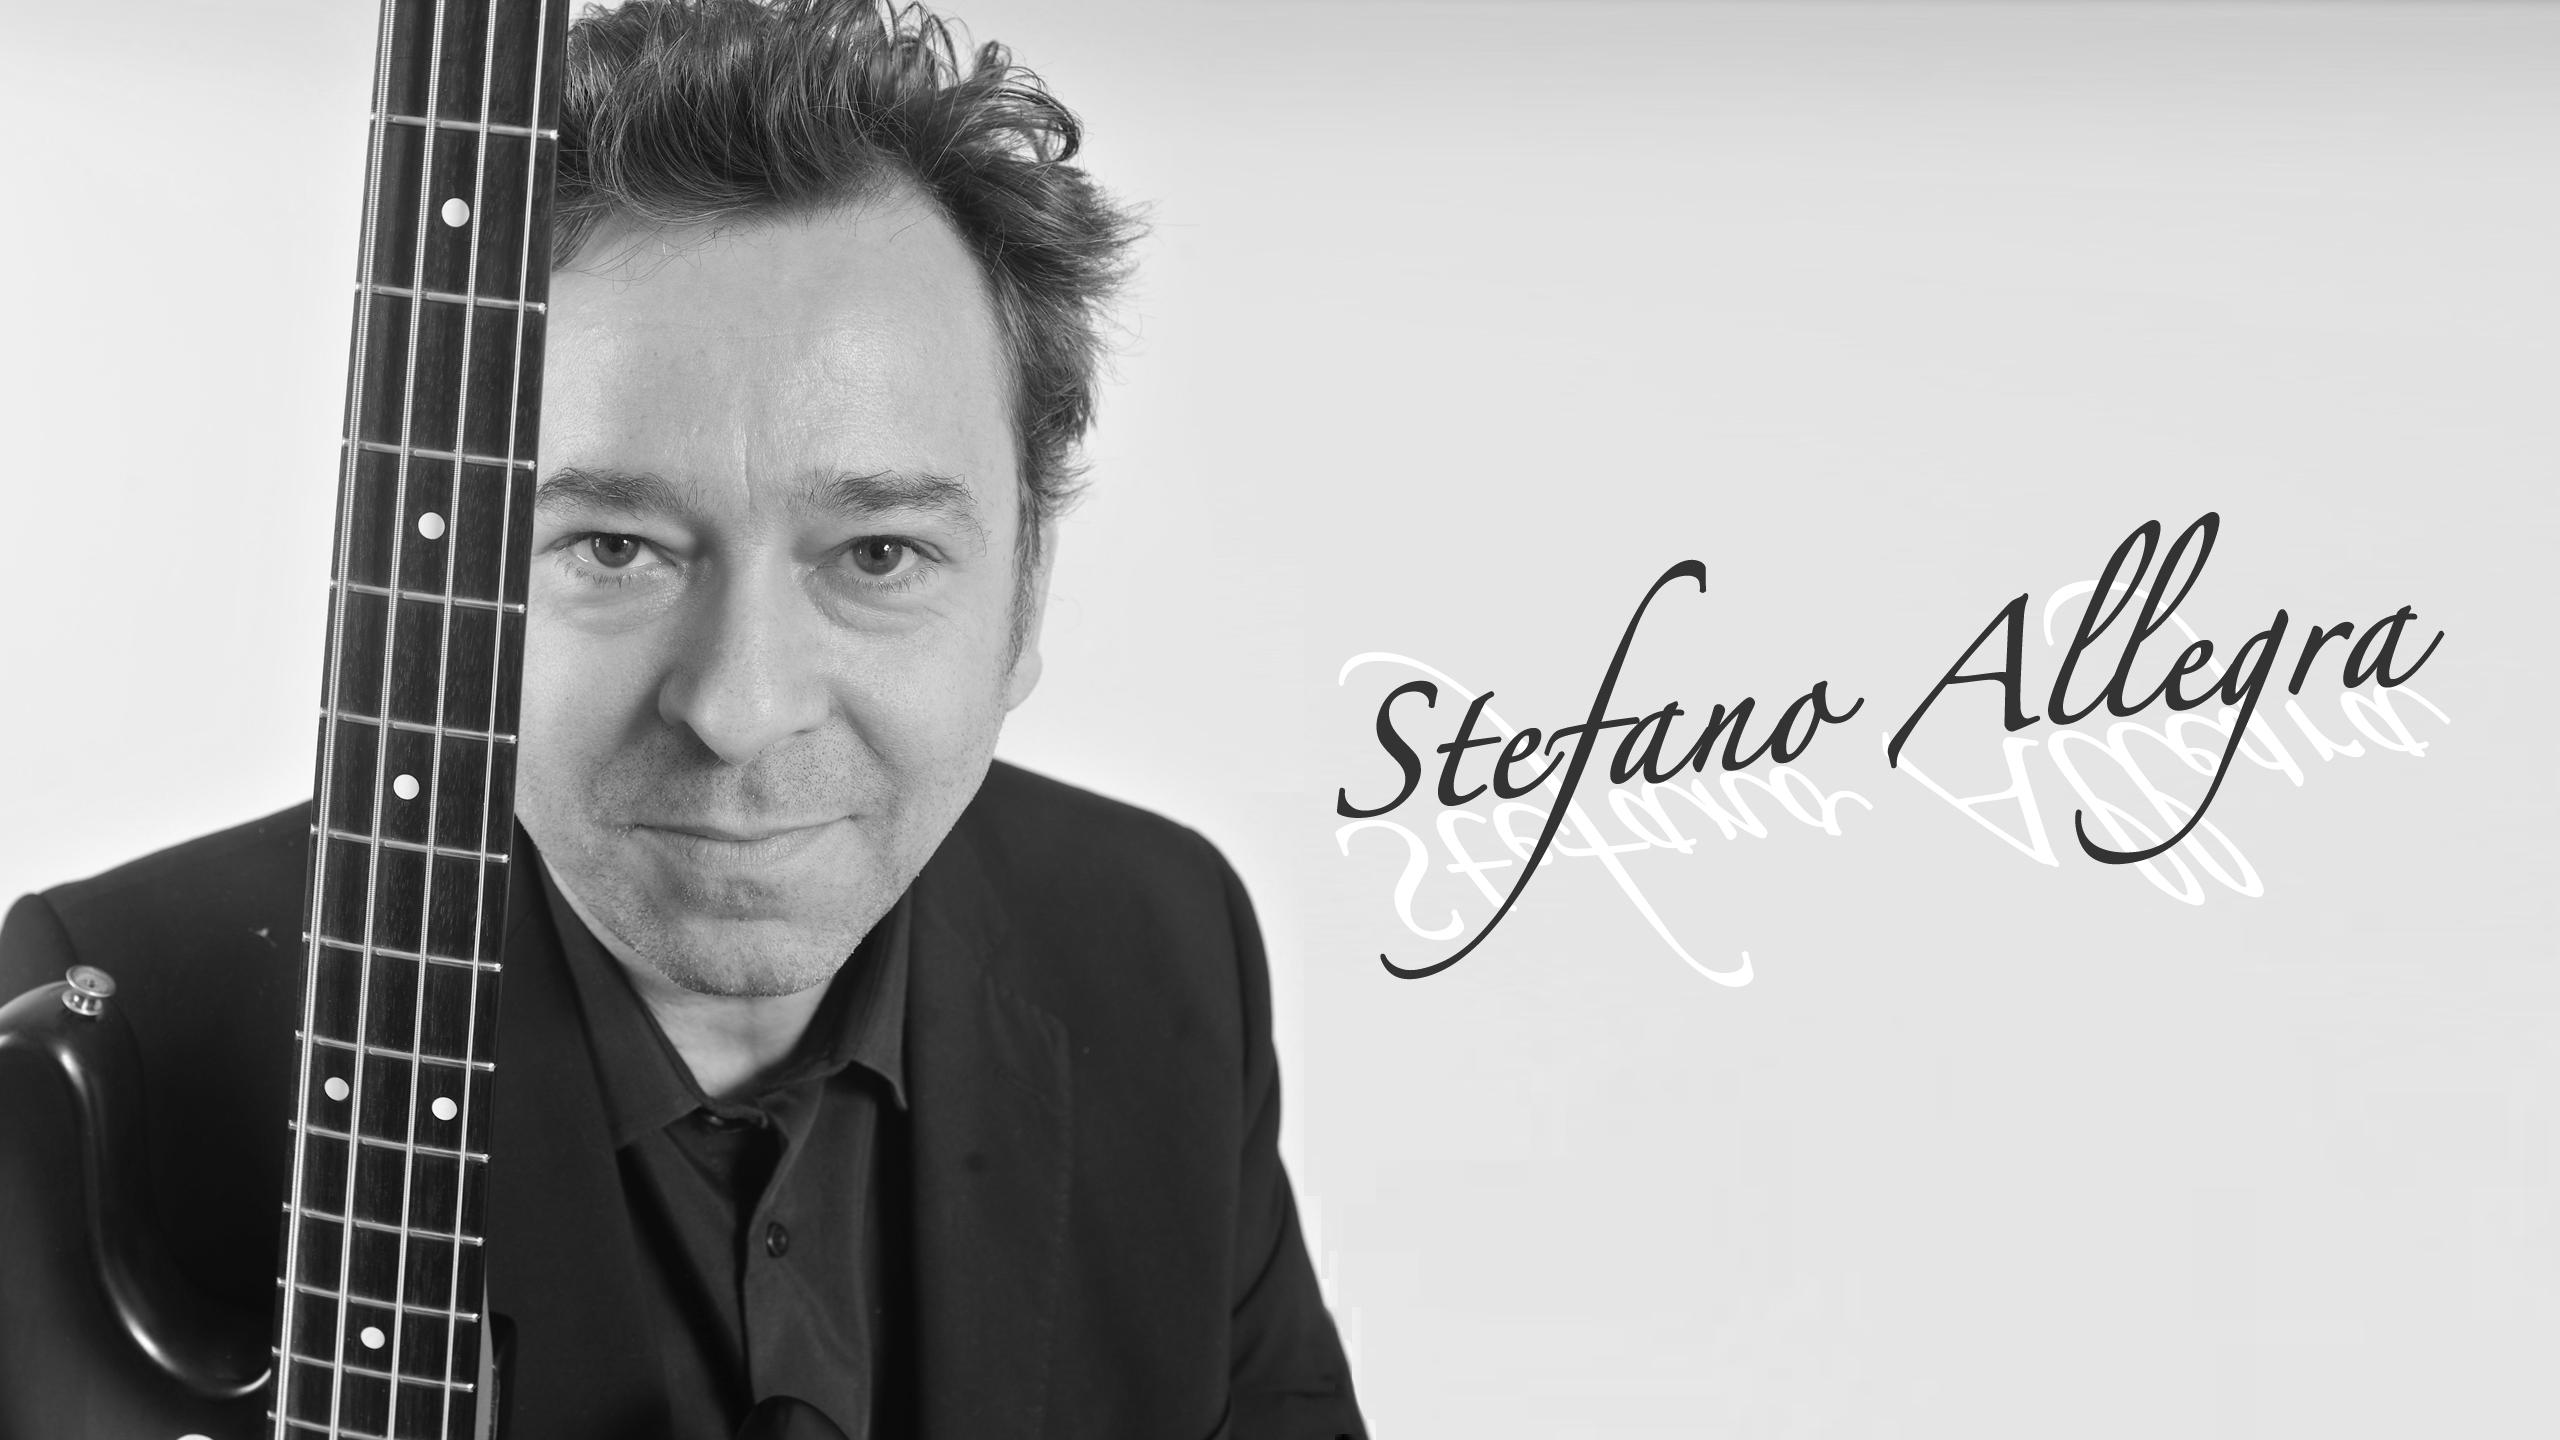 Stefano Allegra